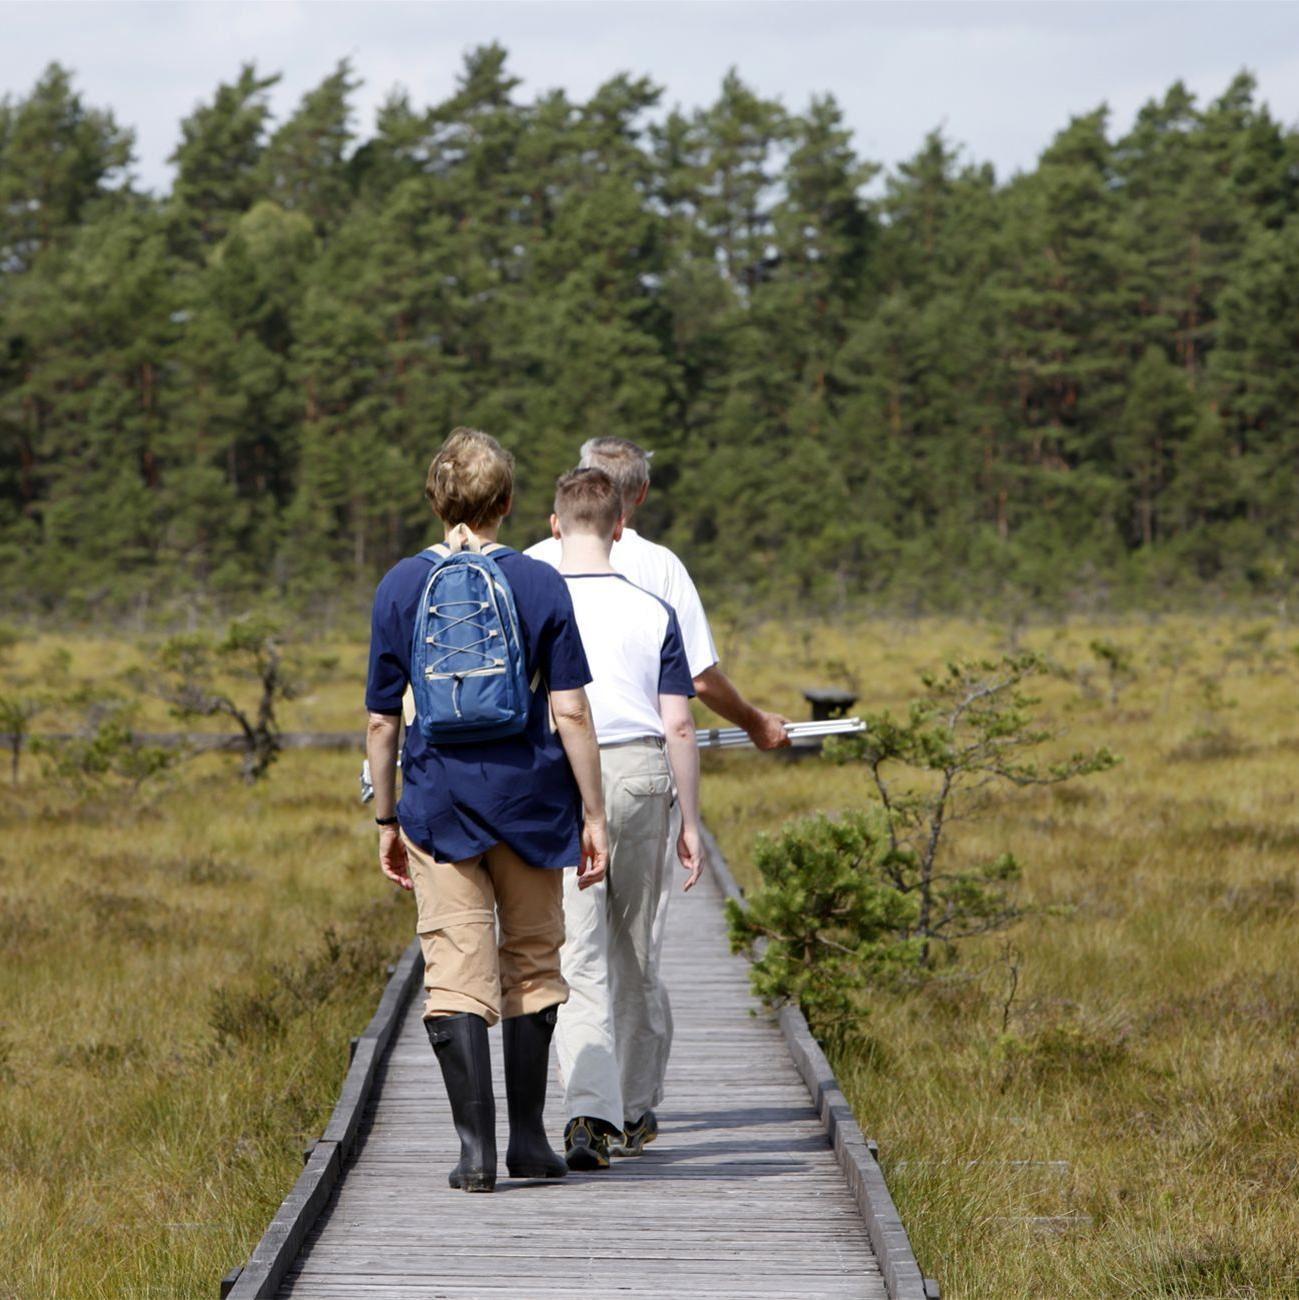 Foto: Smålandsbilder.se,  © Smålandsbilder.se, Vandring i Store Mosse nationalpark